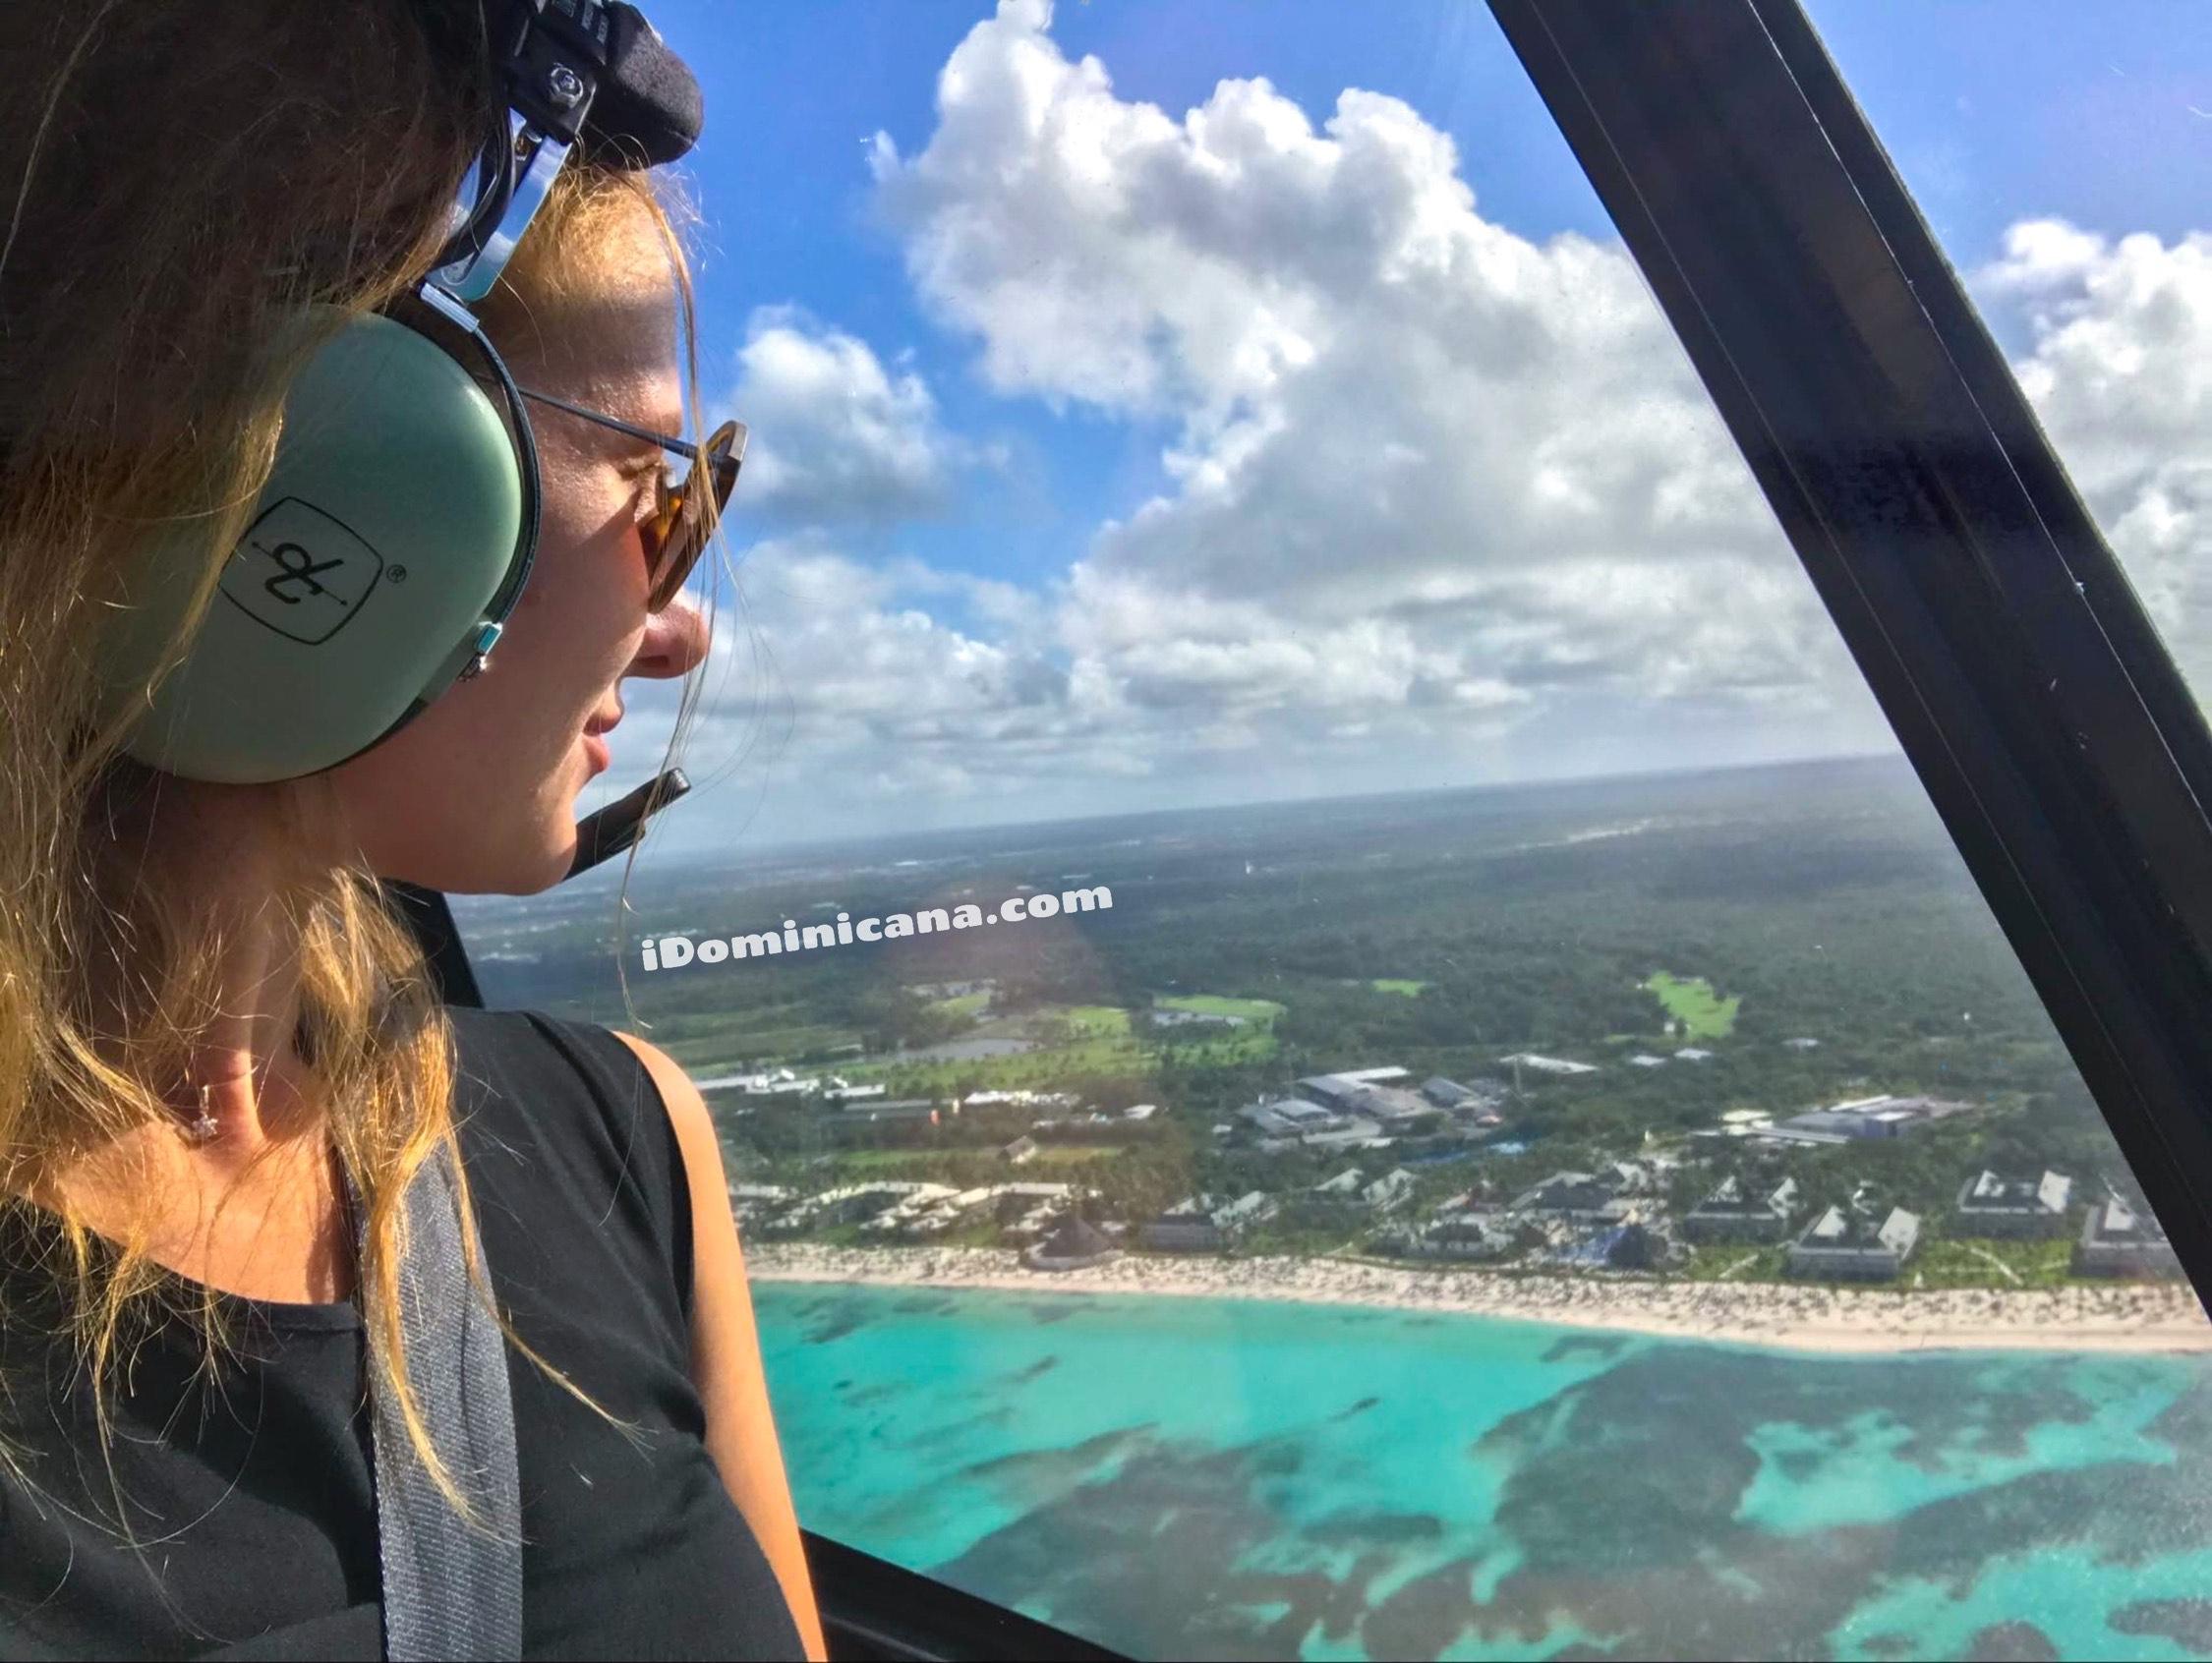 Вертолет Доминикана: воздушные прогулки iDominicana.com